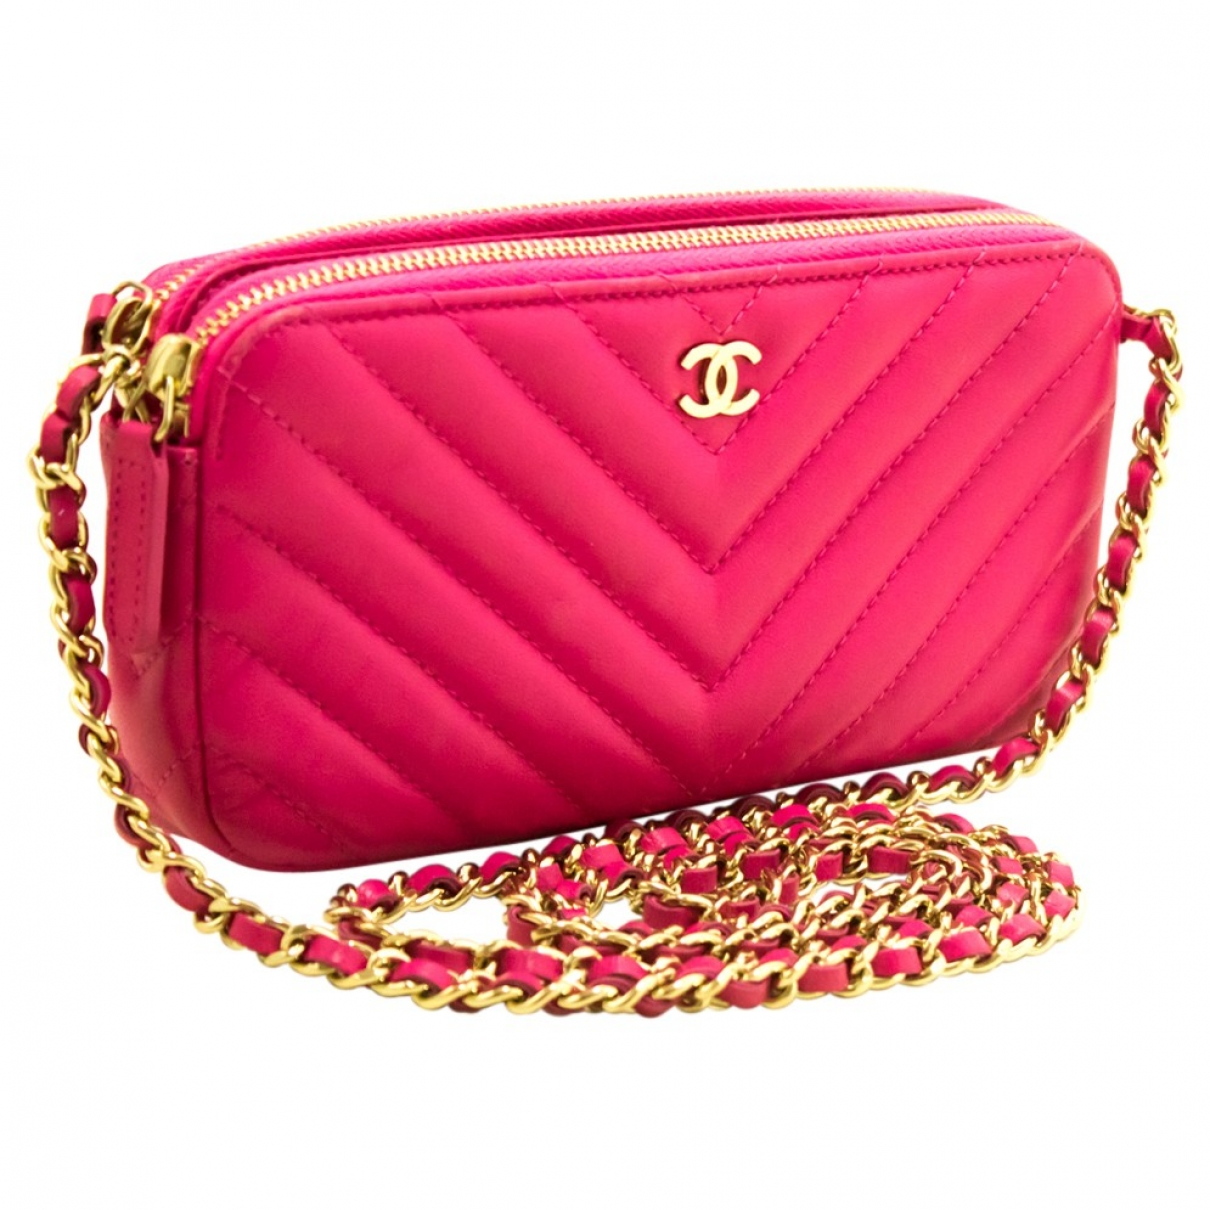 Chanel - Sac a main   pour femme en cuir - rose